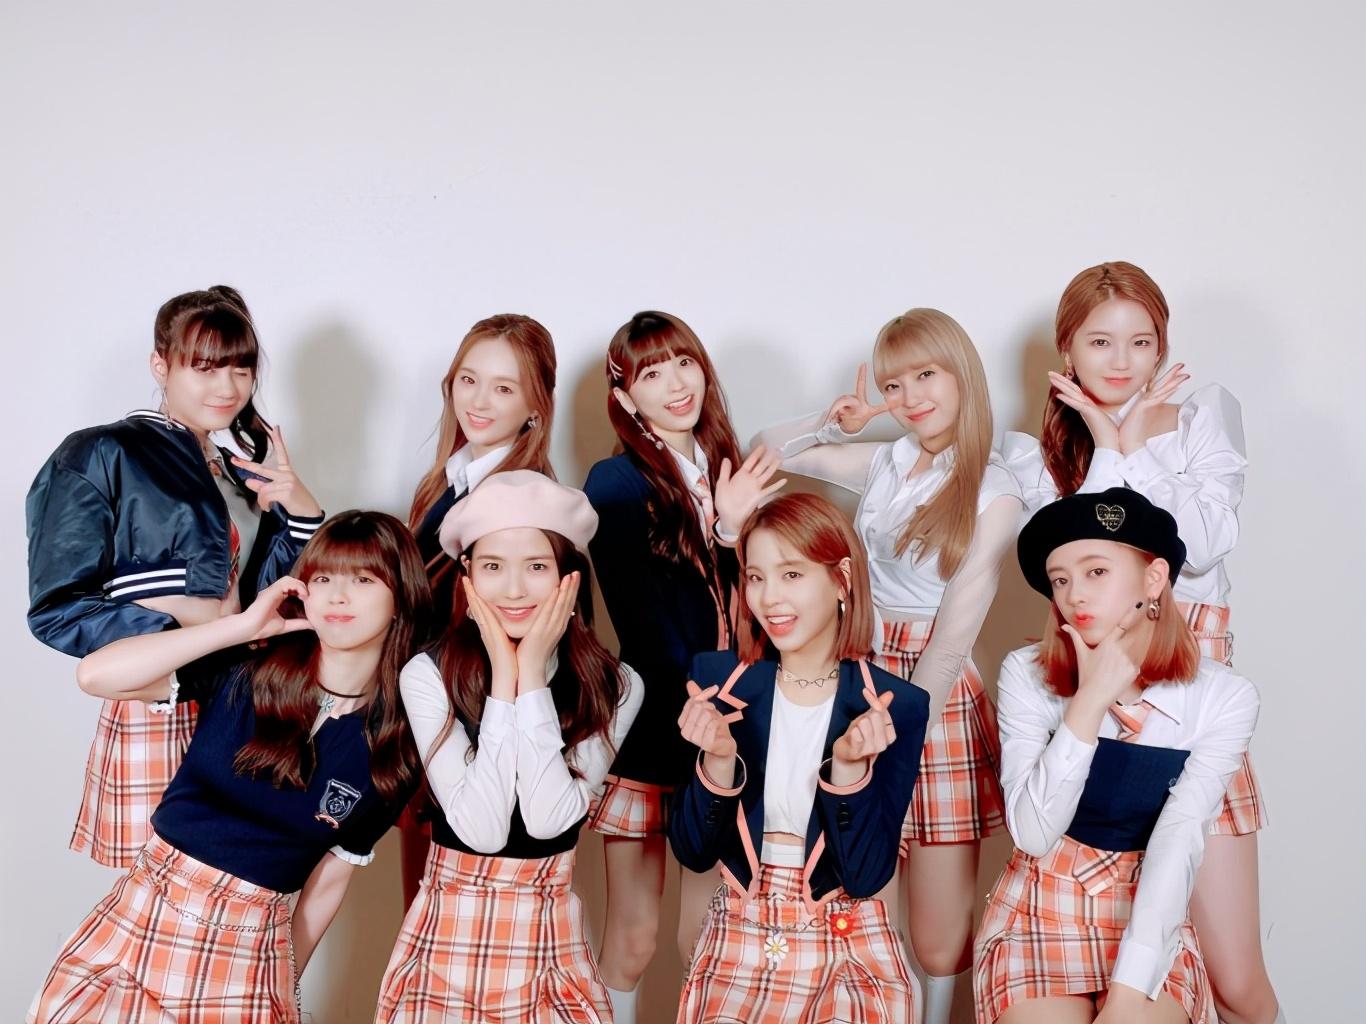 女团名家JYP!NiziU还未出道流媒破亿,获世界品牌青睐